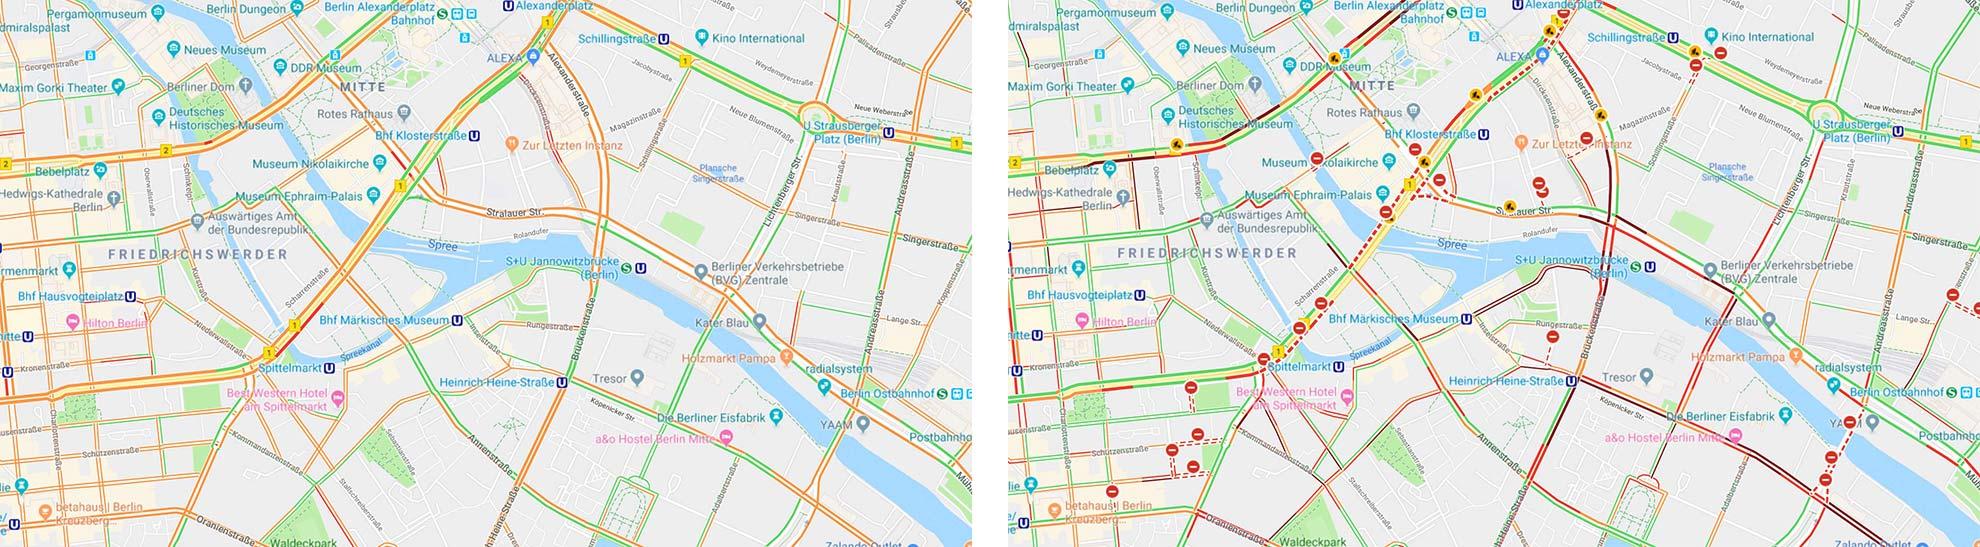 Karte Berliner Innenstadt